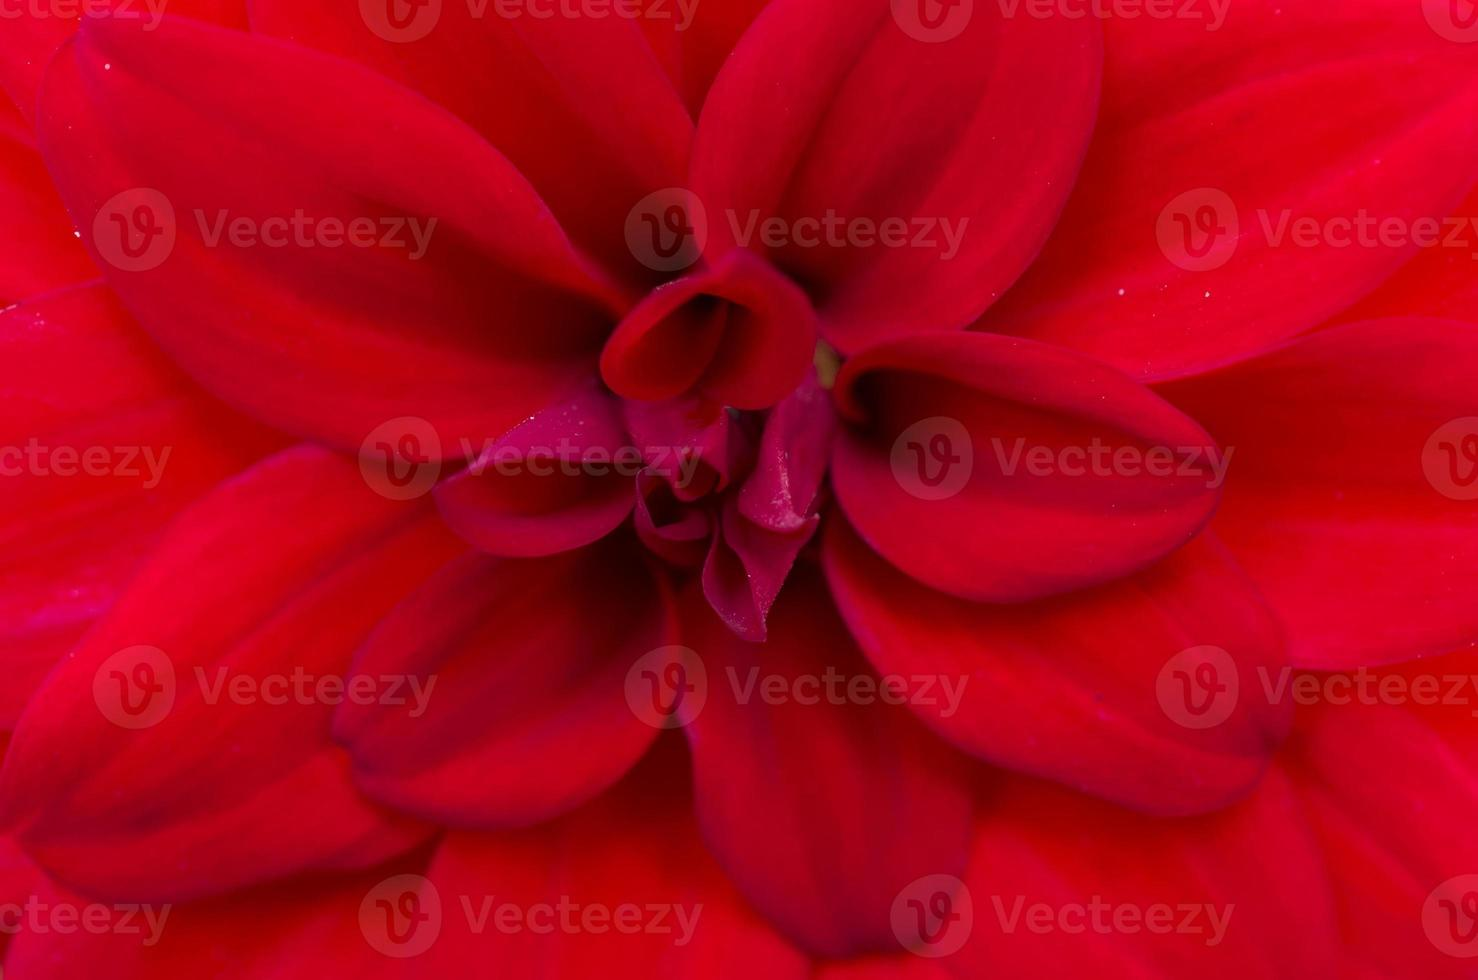 Hypnotic flower photo